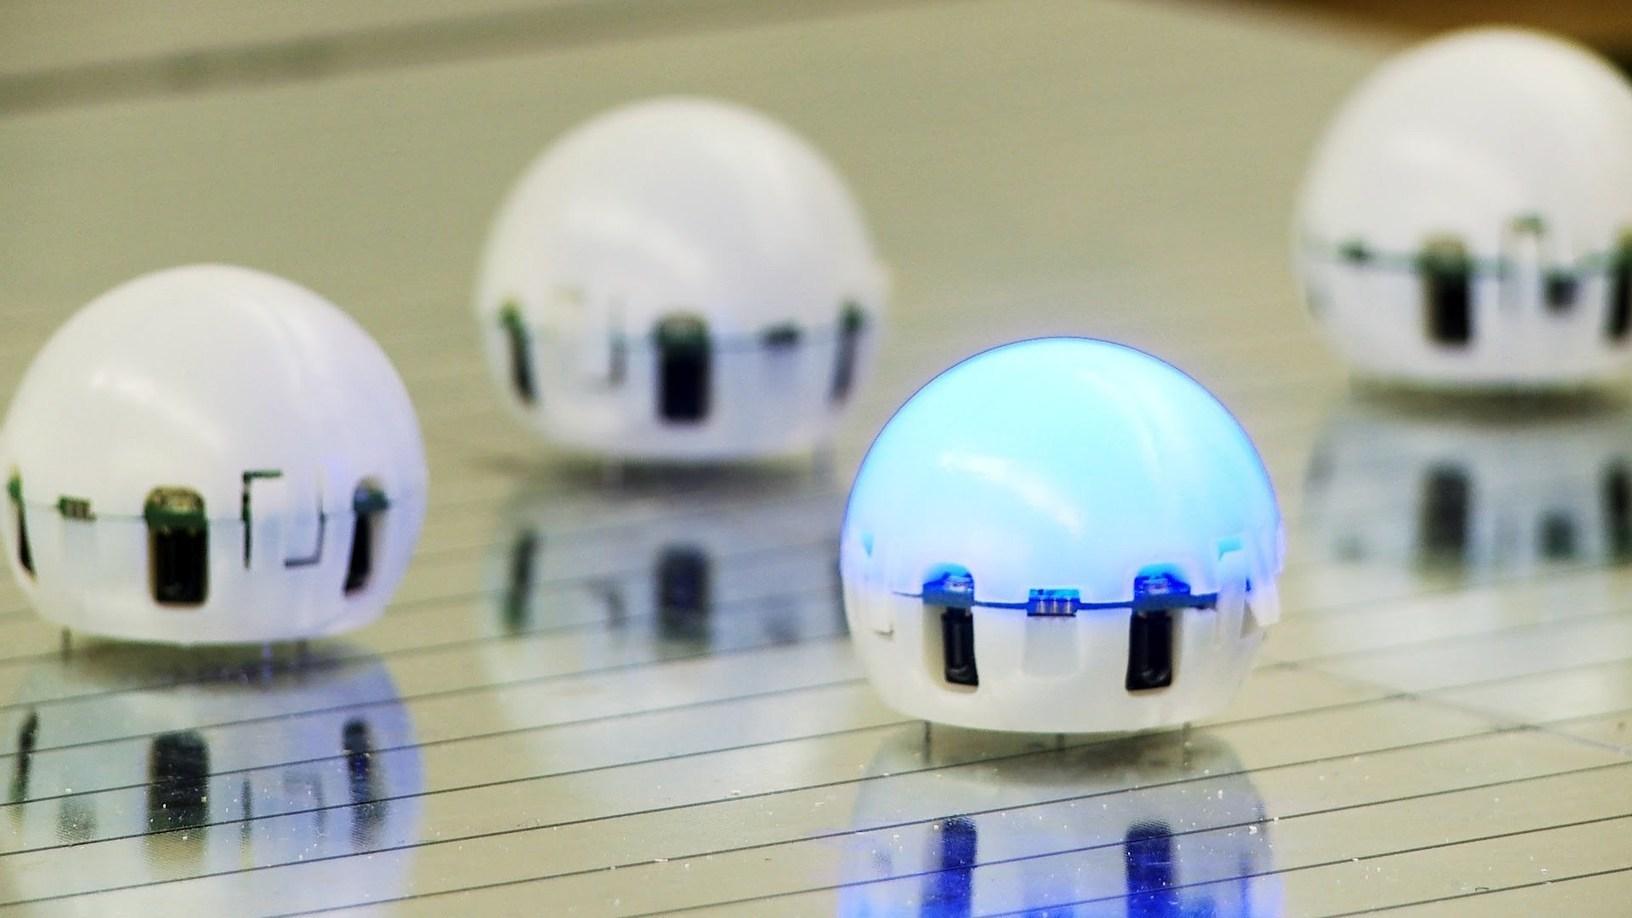 ساخت توپ با مرواريد ربات هايي شبيه توپ پينگ پنگ تصاوير